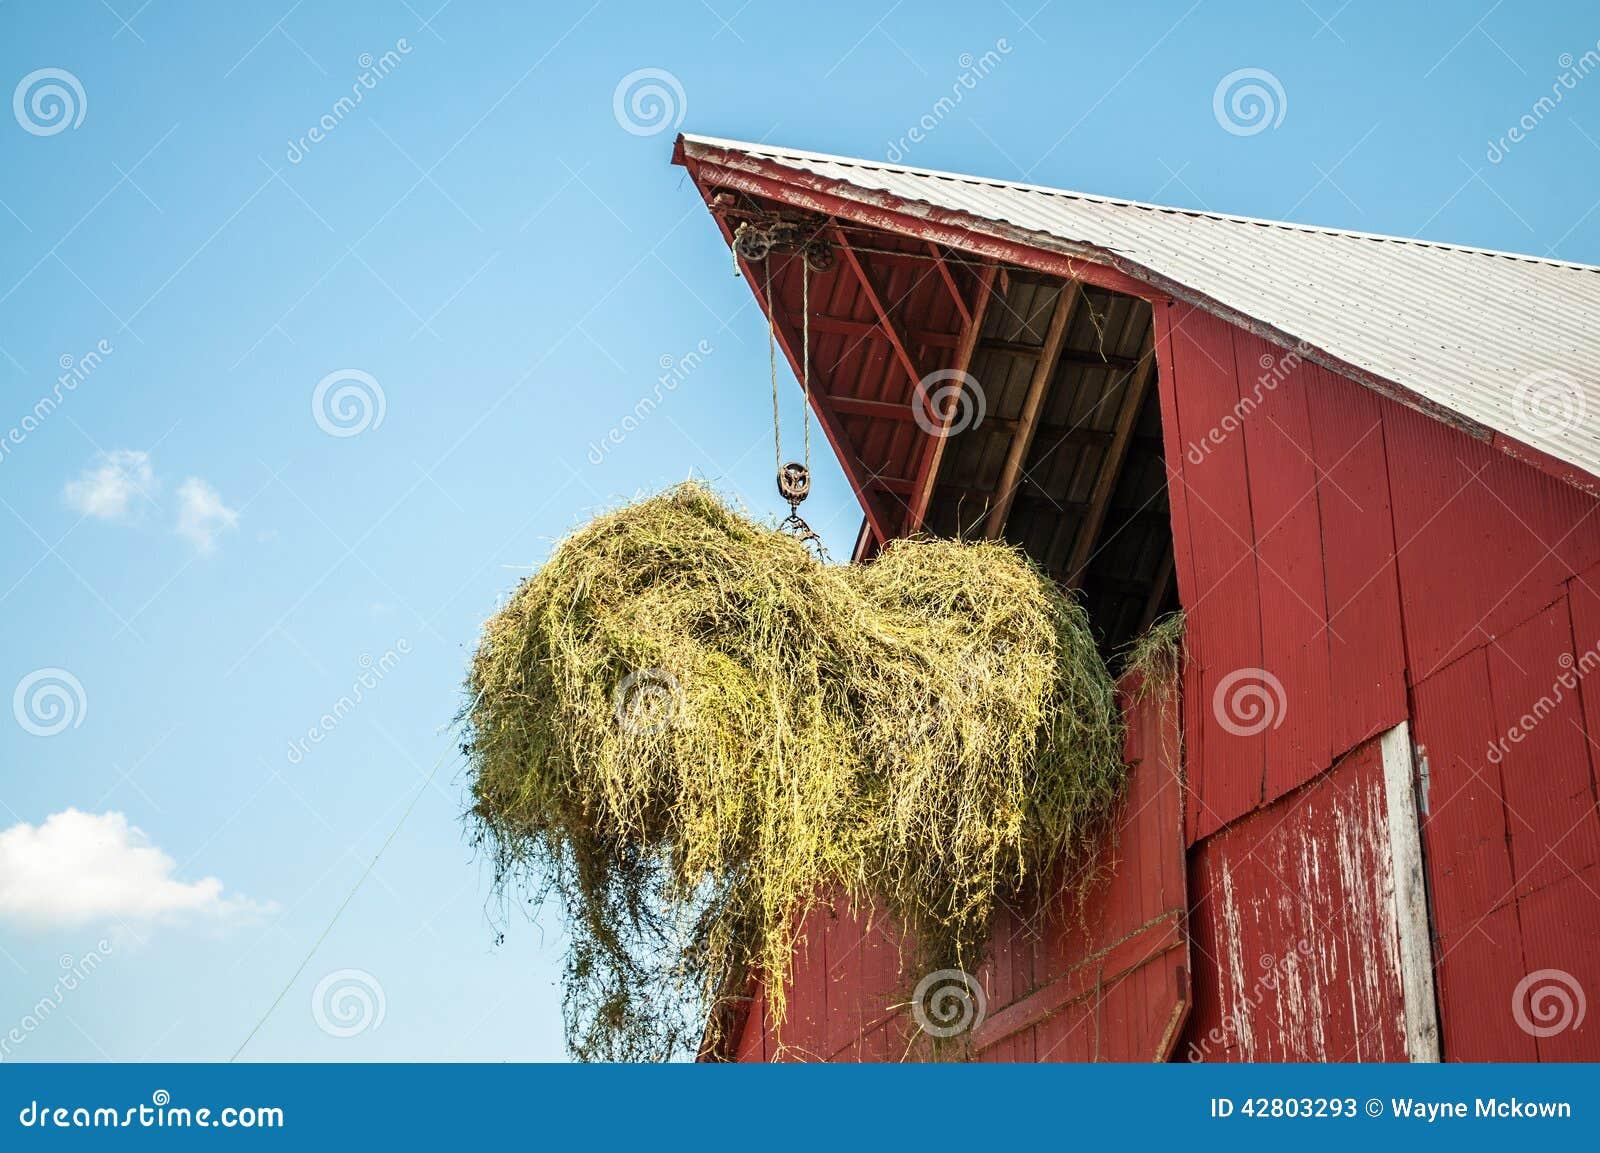 Hayloft Stock Photo - Image: 42803293